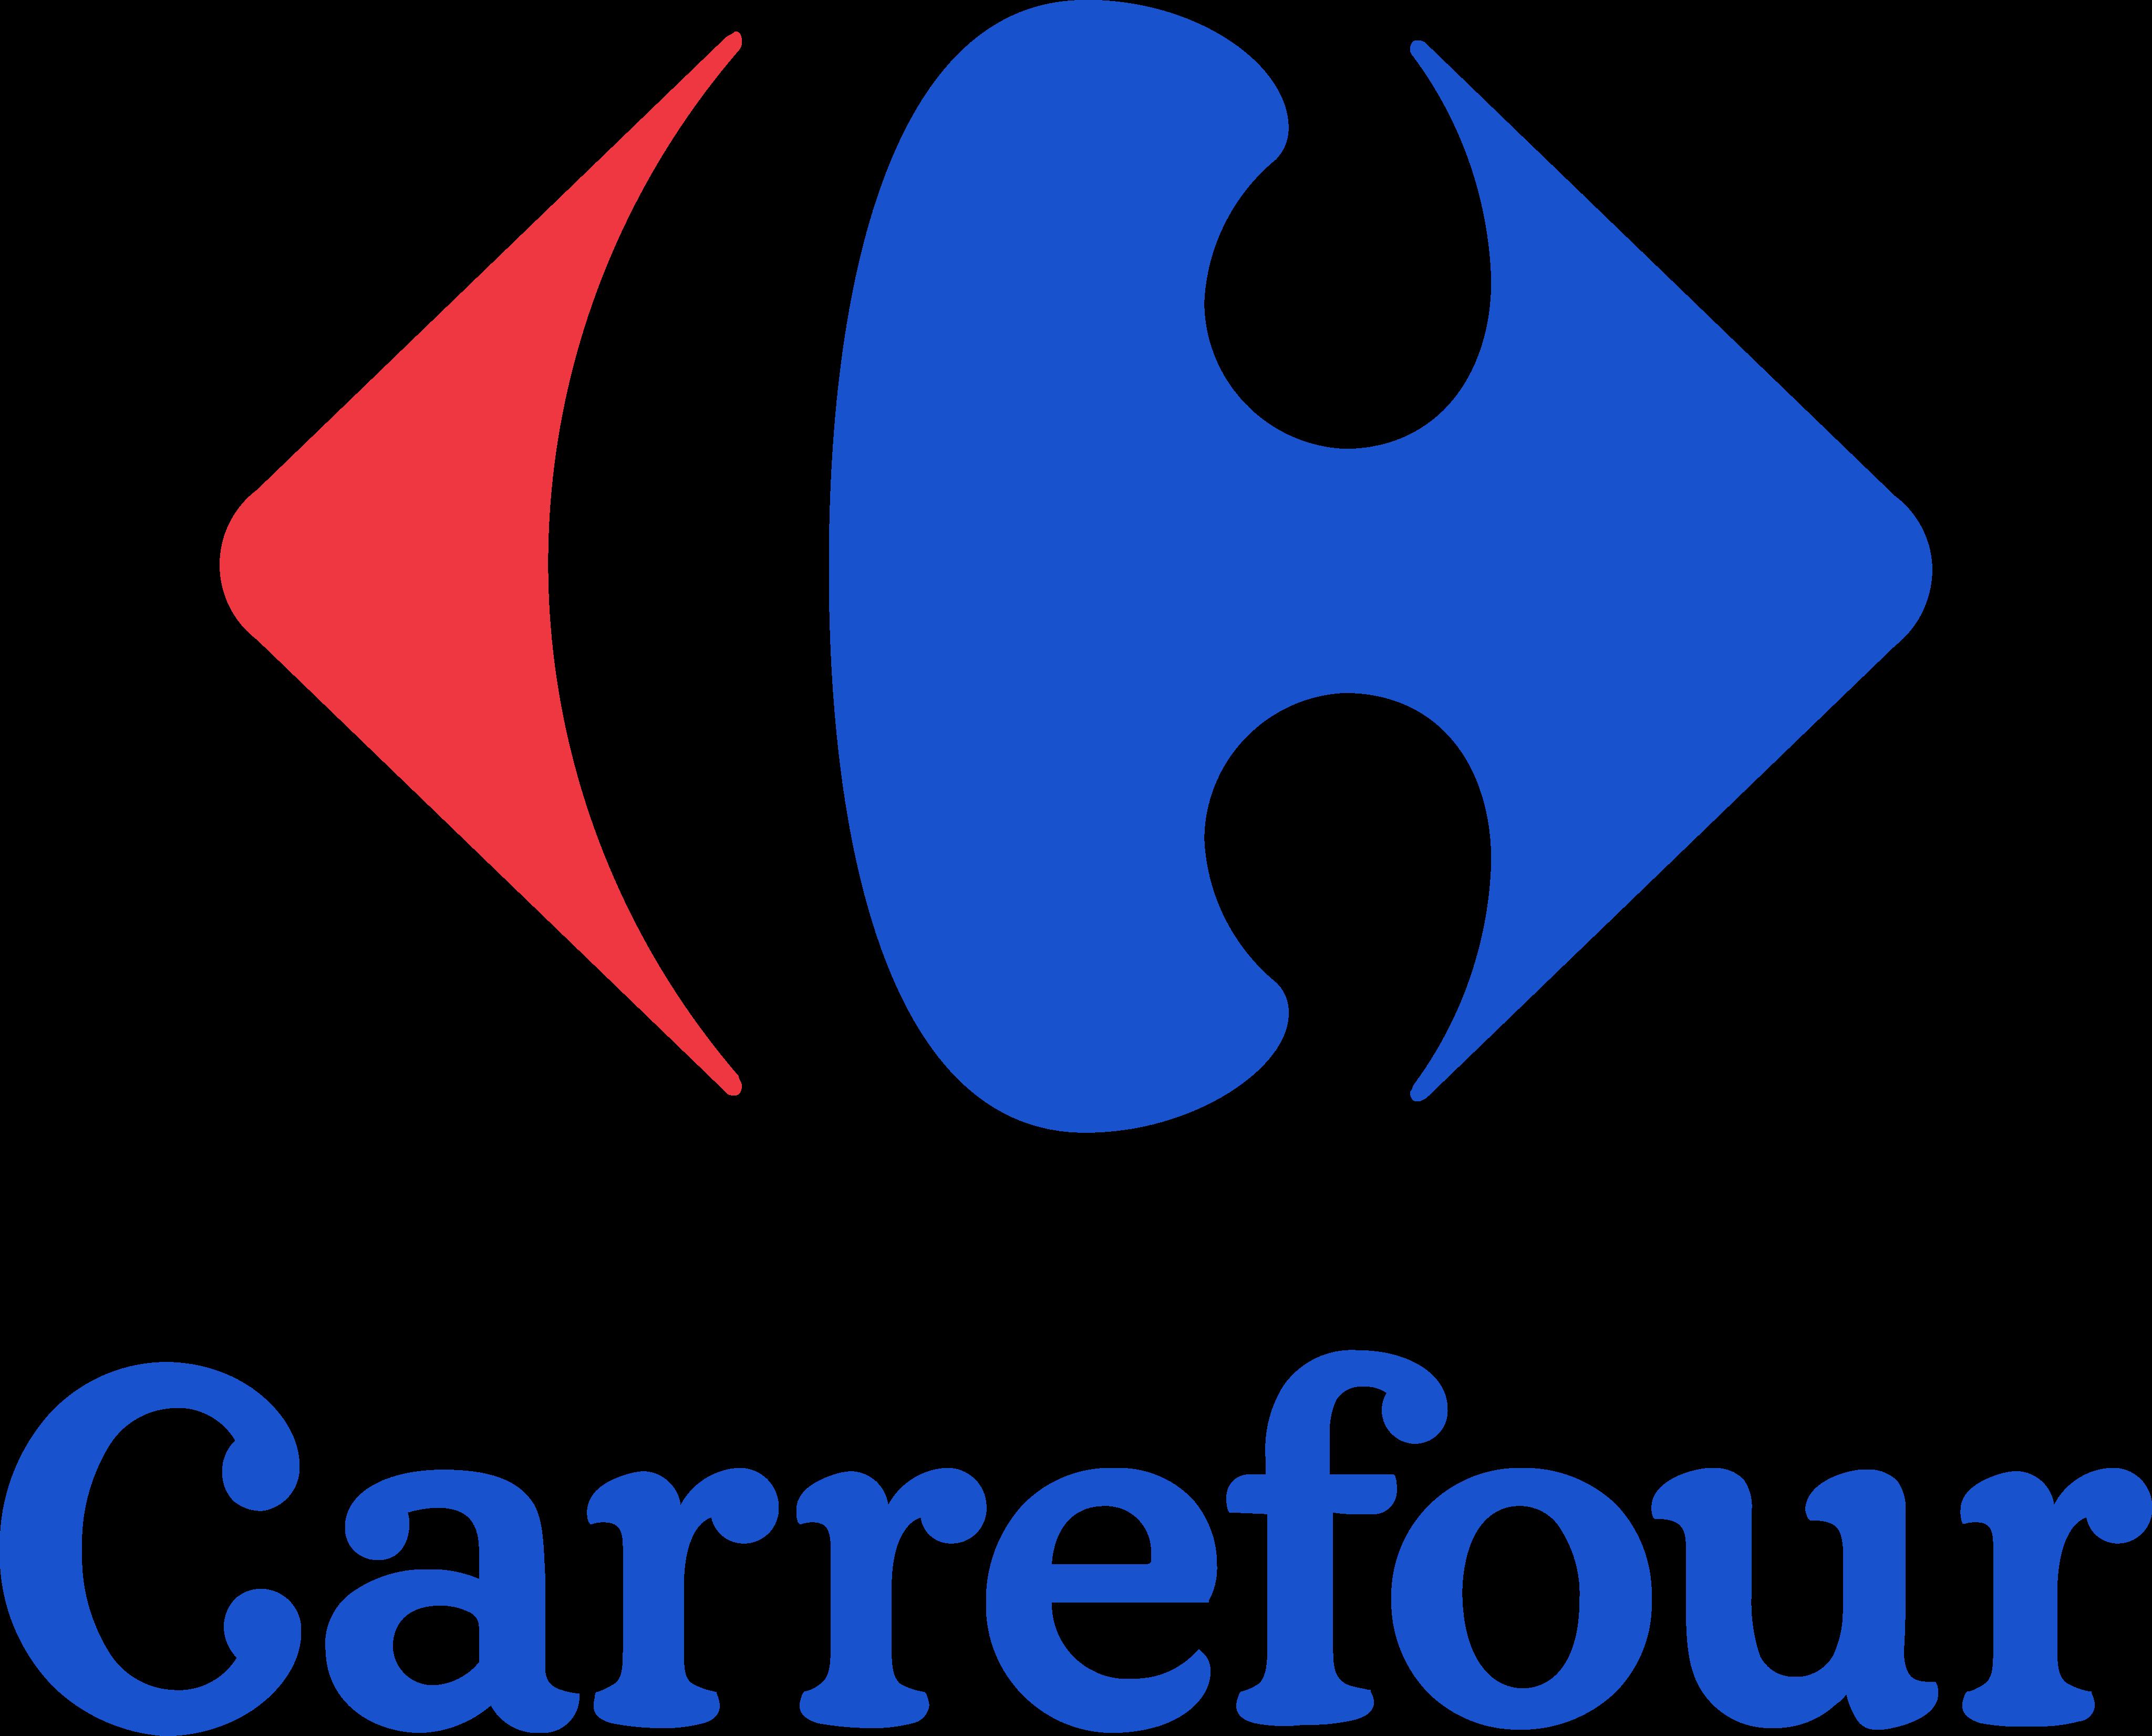 carrefour logo 1 1 - Carrefour Logo